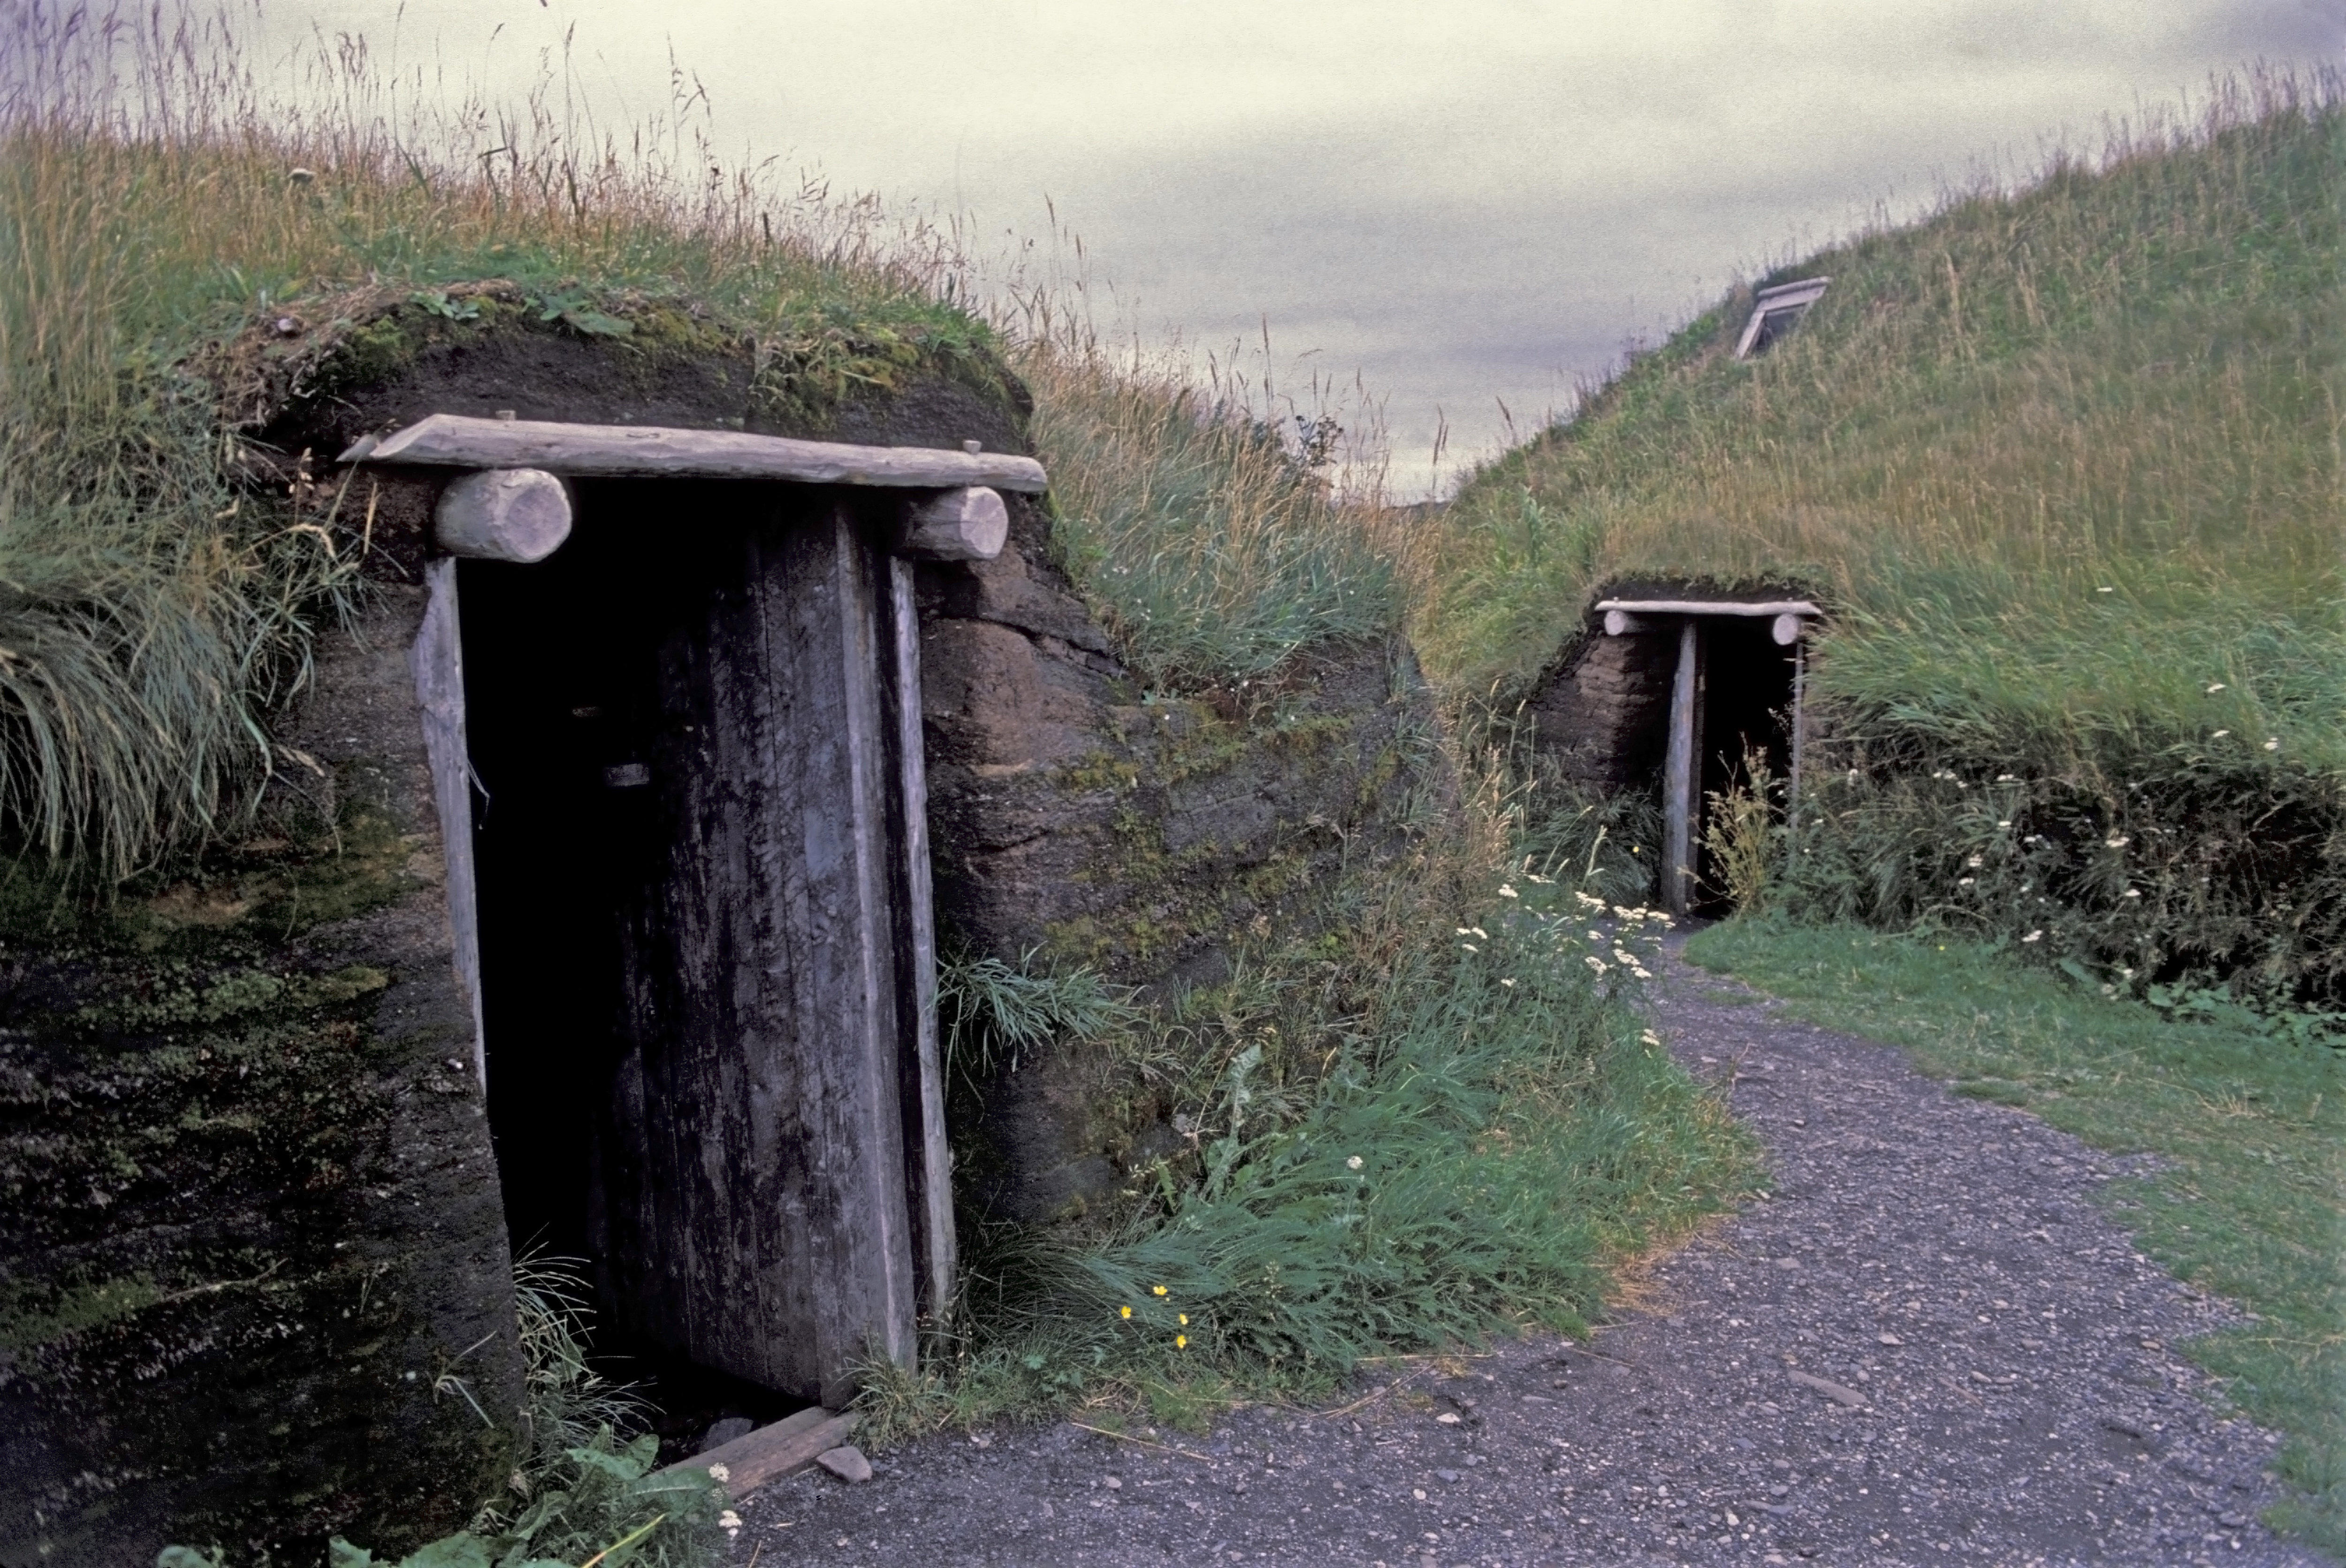 Vikings landed in North America 471 years before Columbus; Li Cohen; CBS News